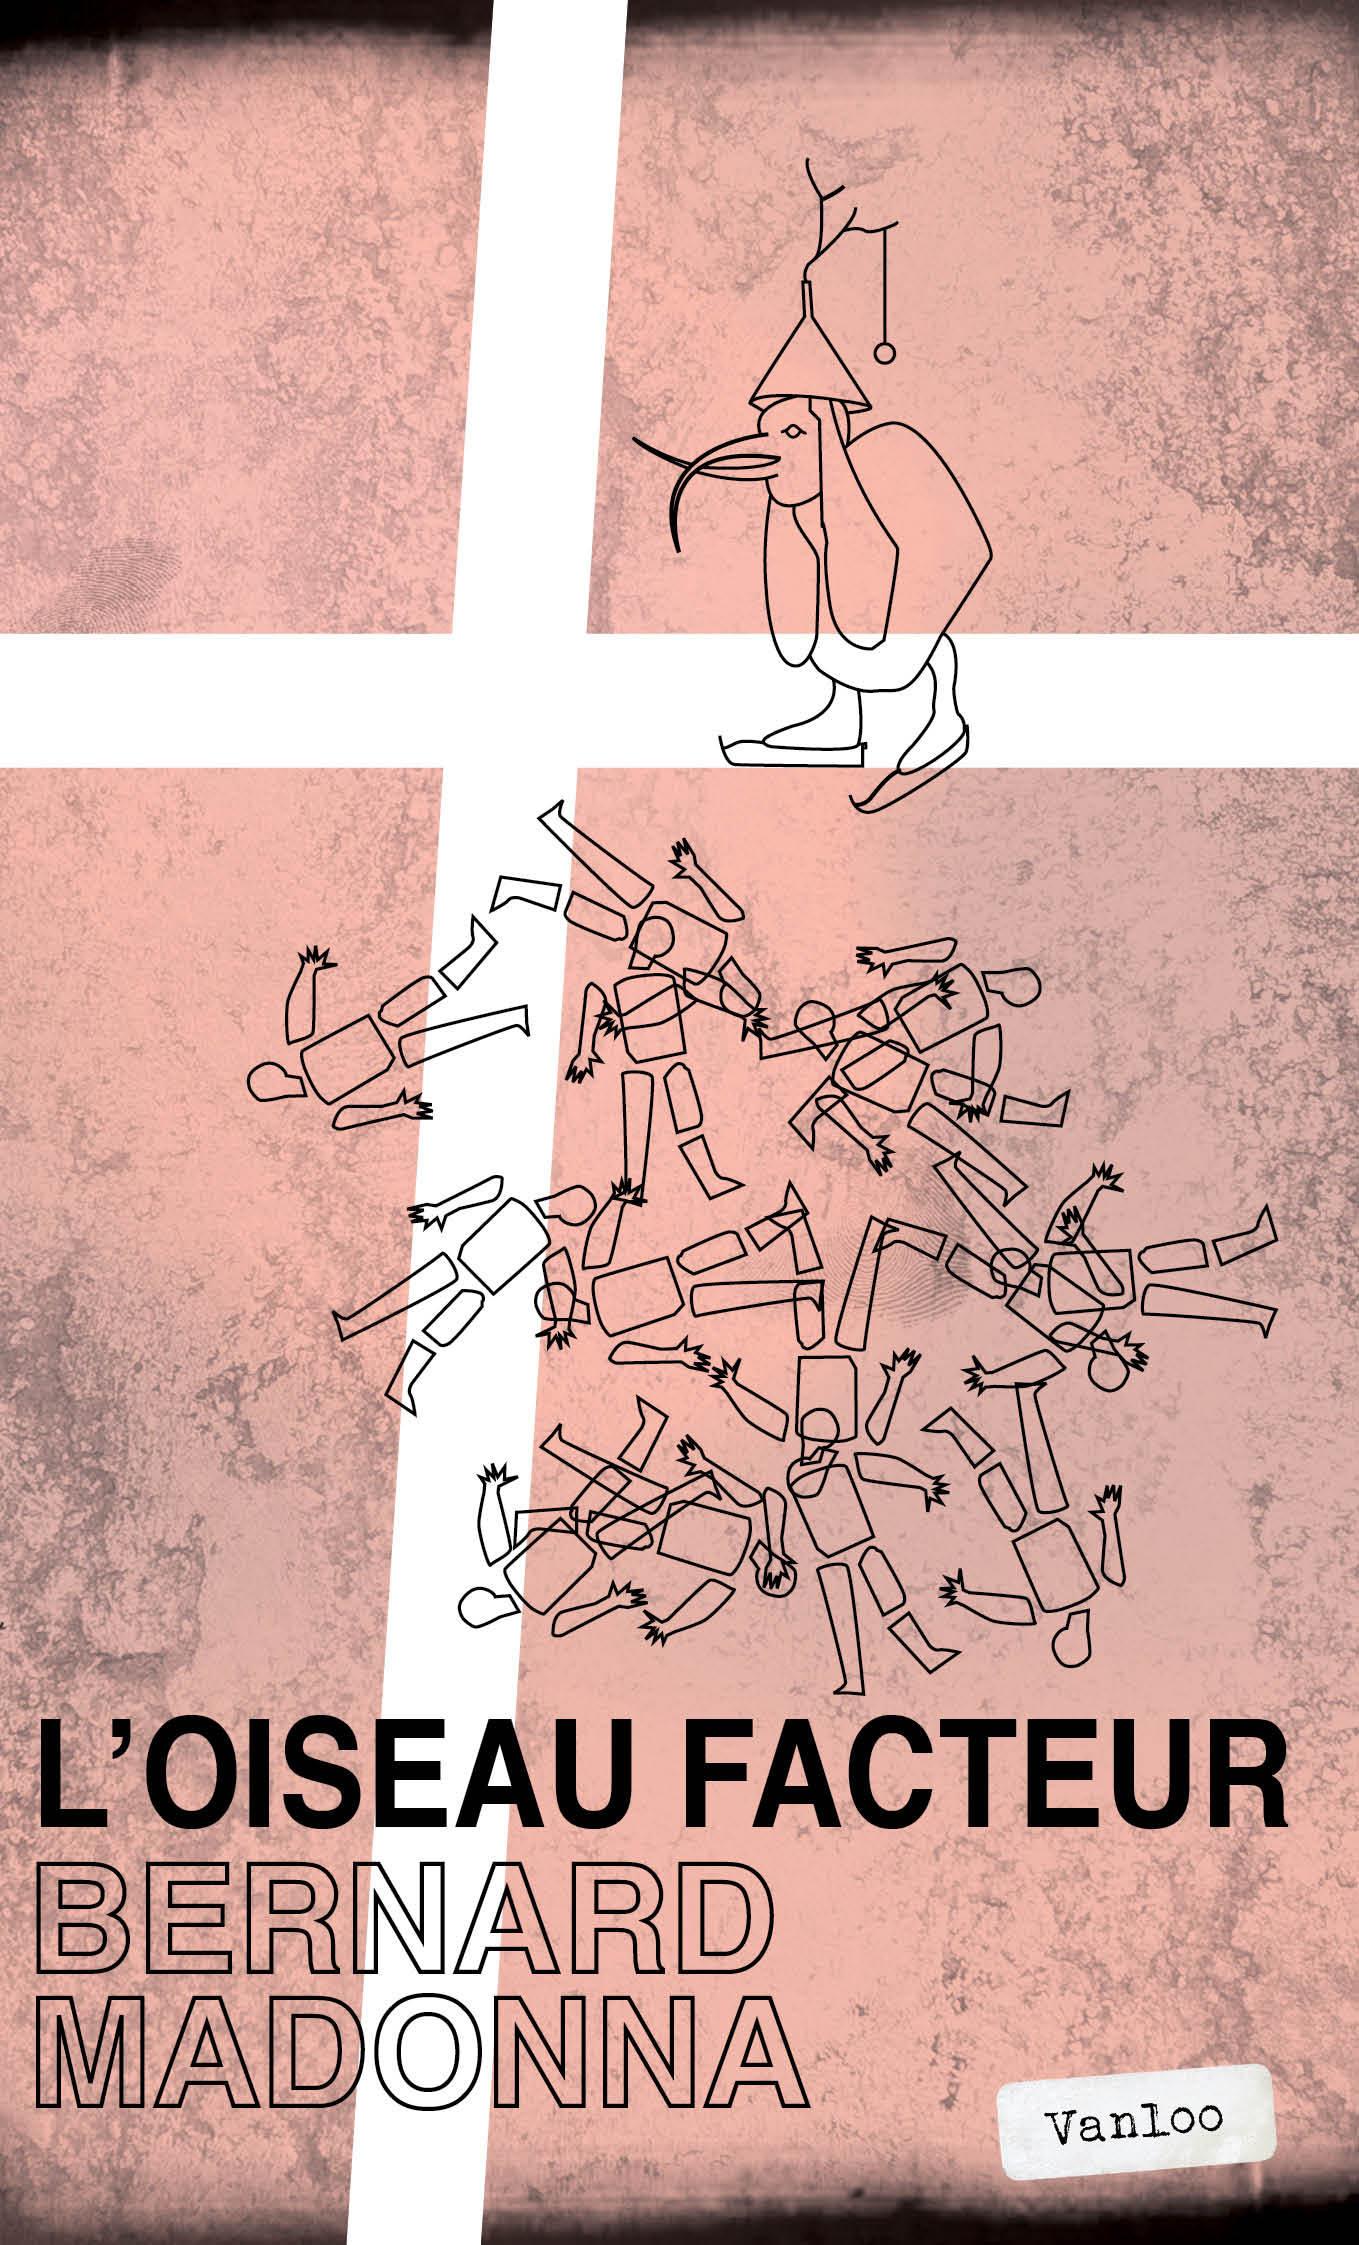 L'OISEAU FACTEUR